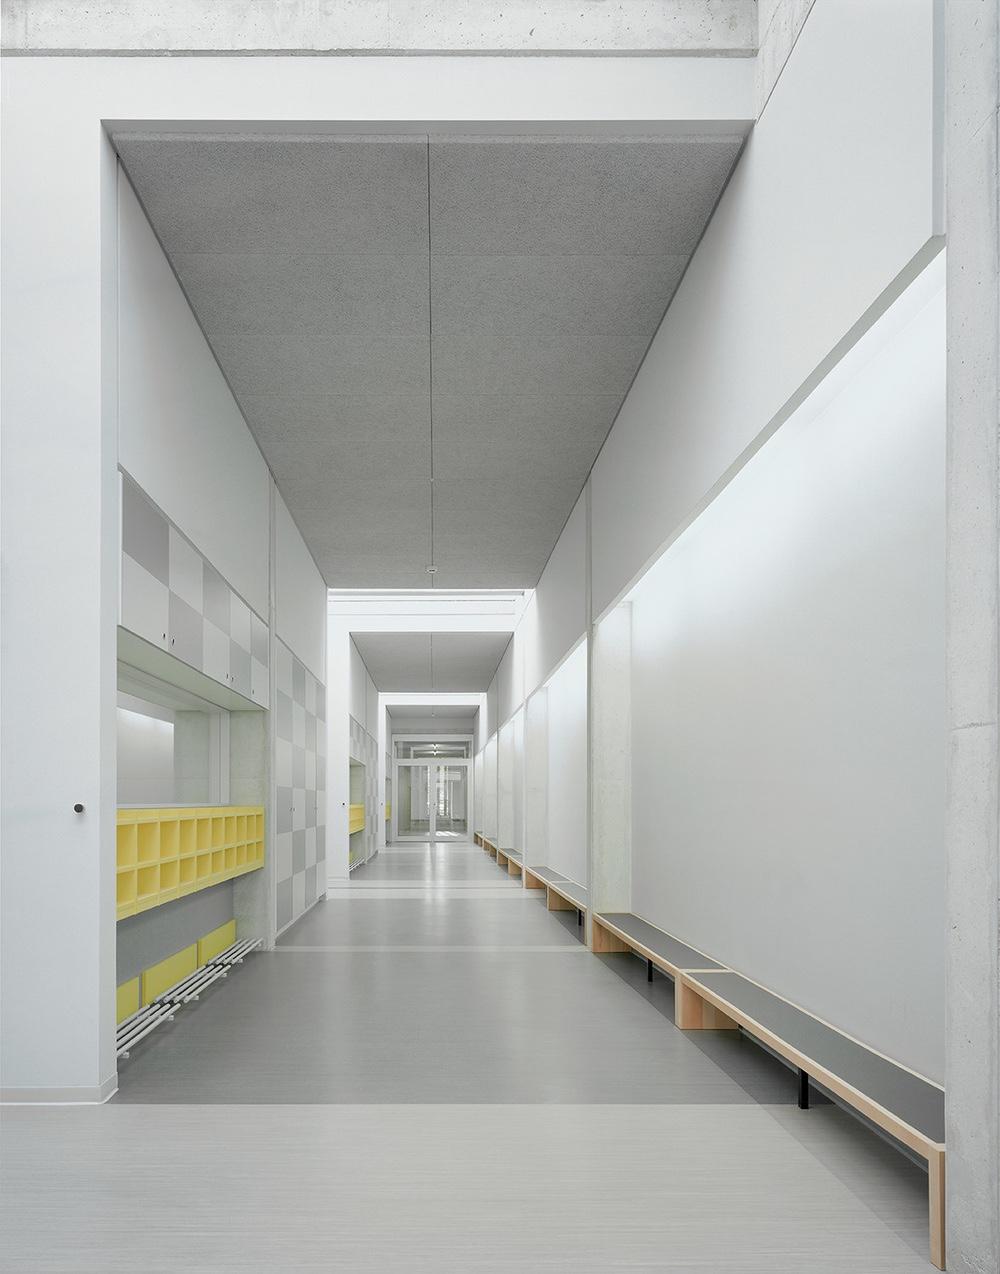 Hallway in Kindergarten Kunterbunt.